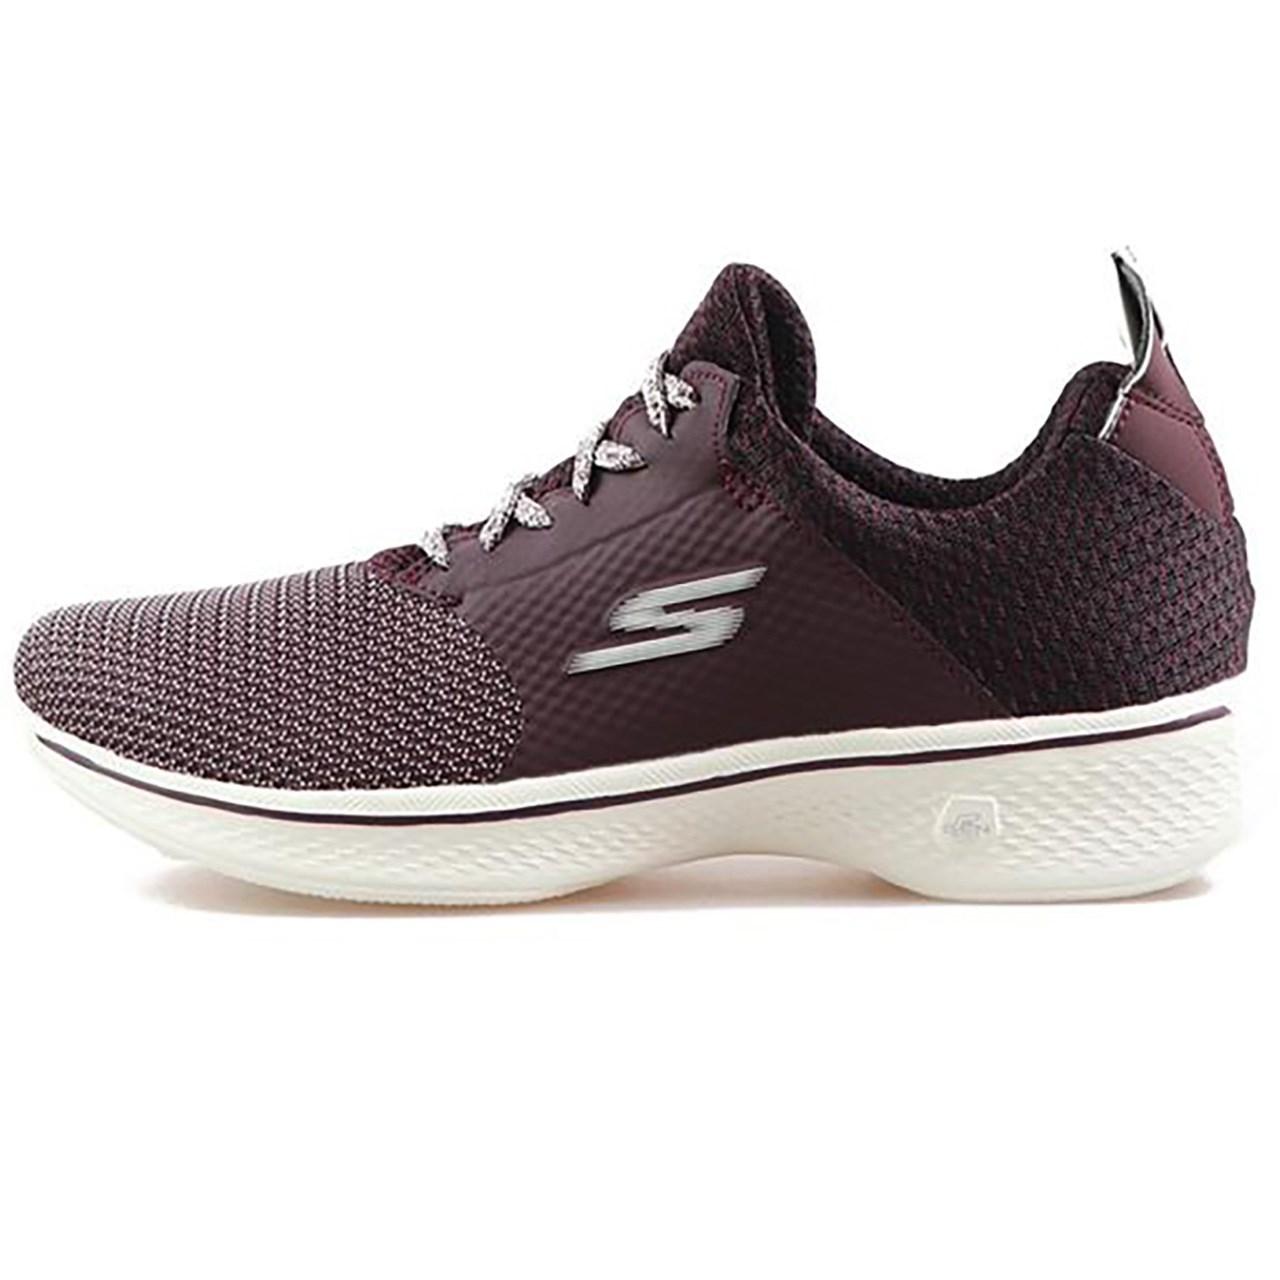 کفش مخصوص پیاده روی زنانه اسکچرز مدل Zapatilla